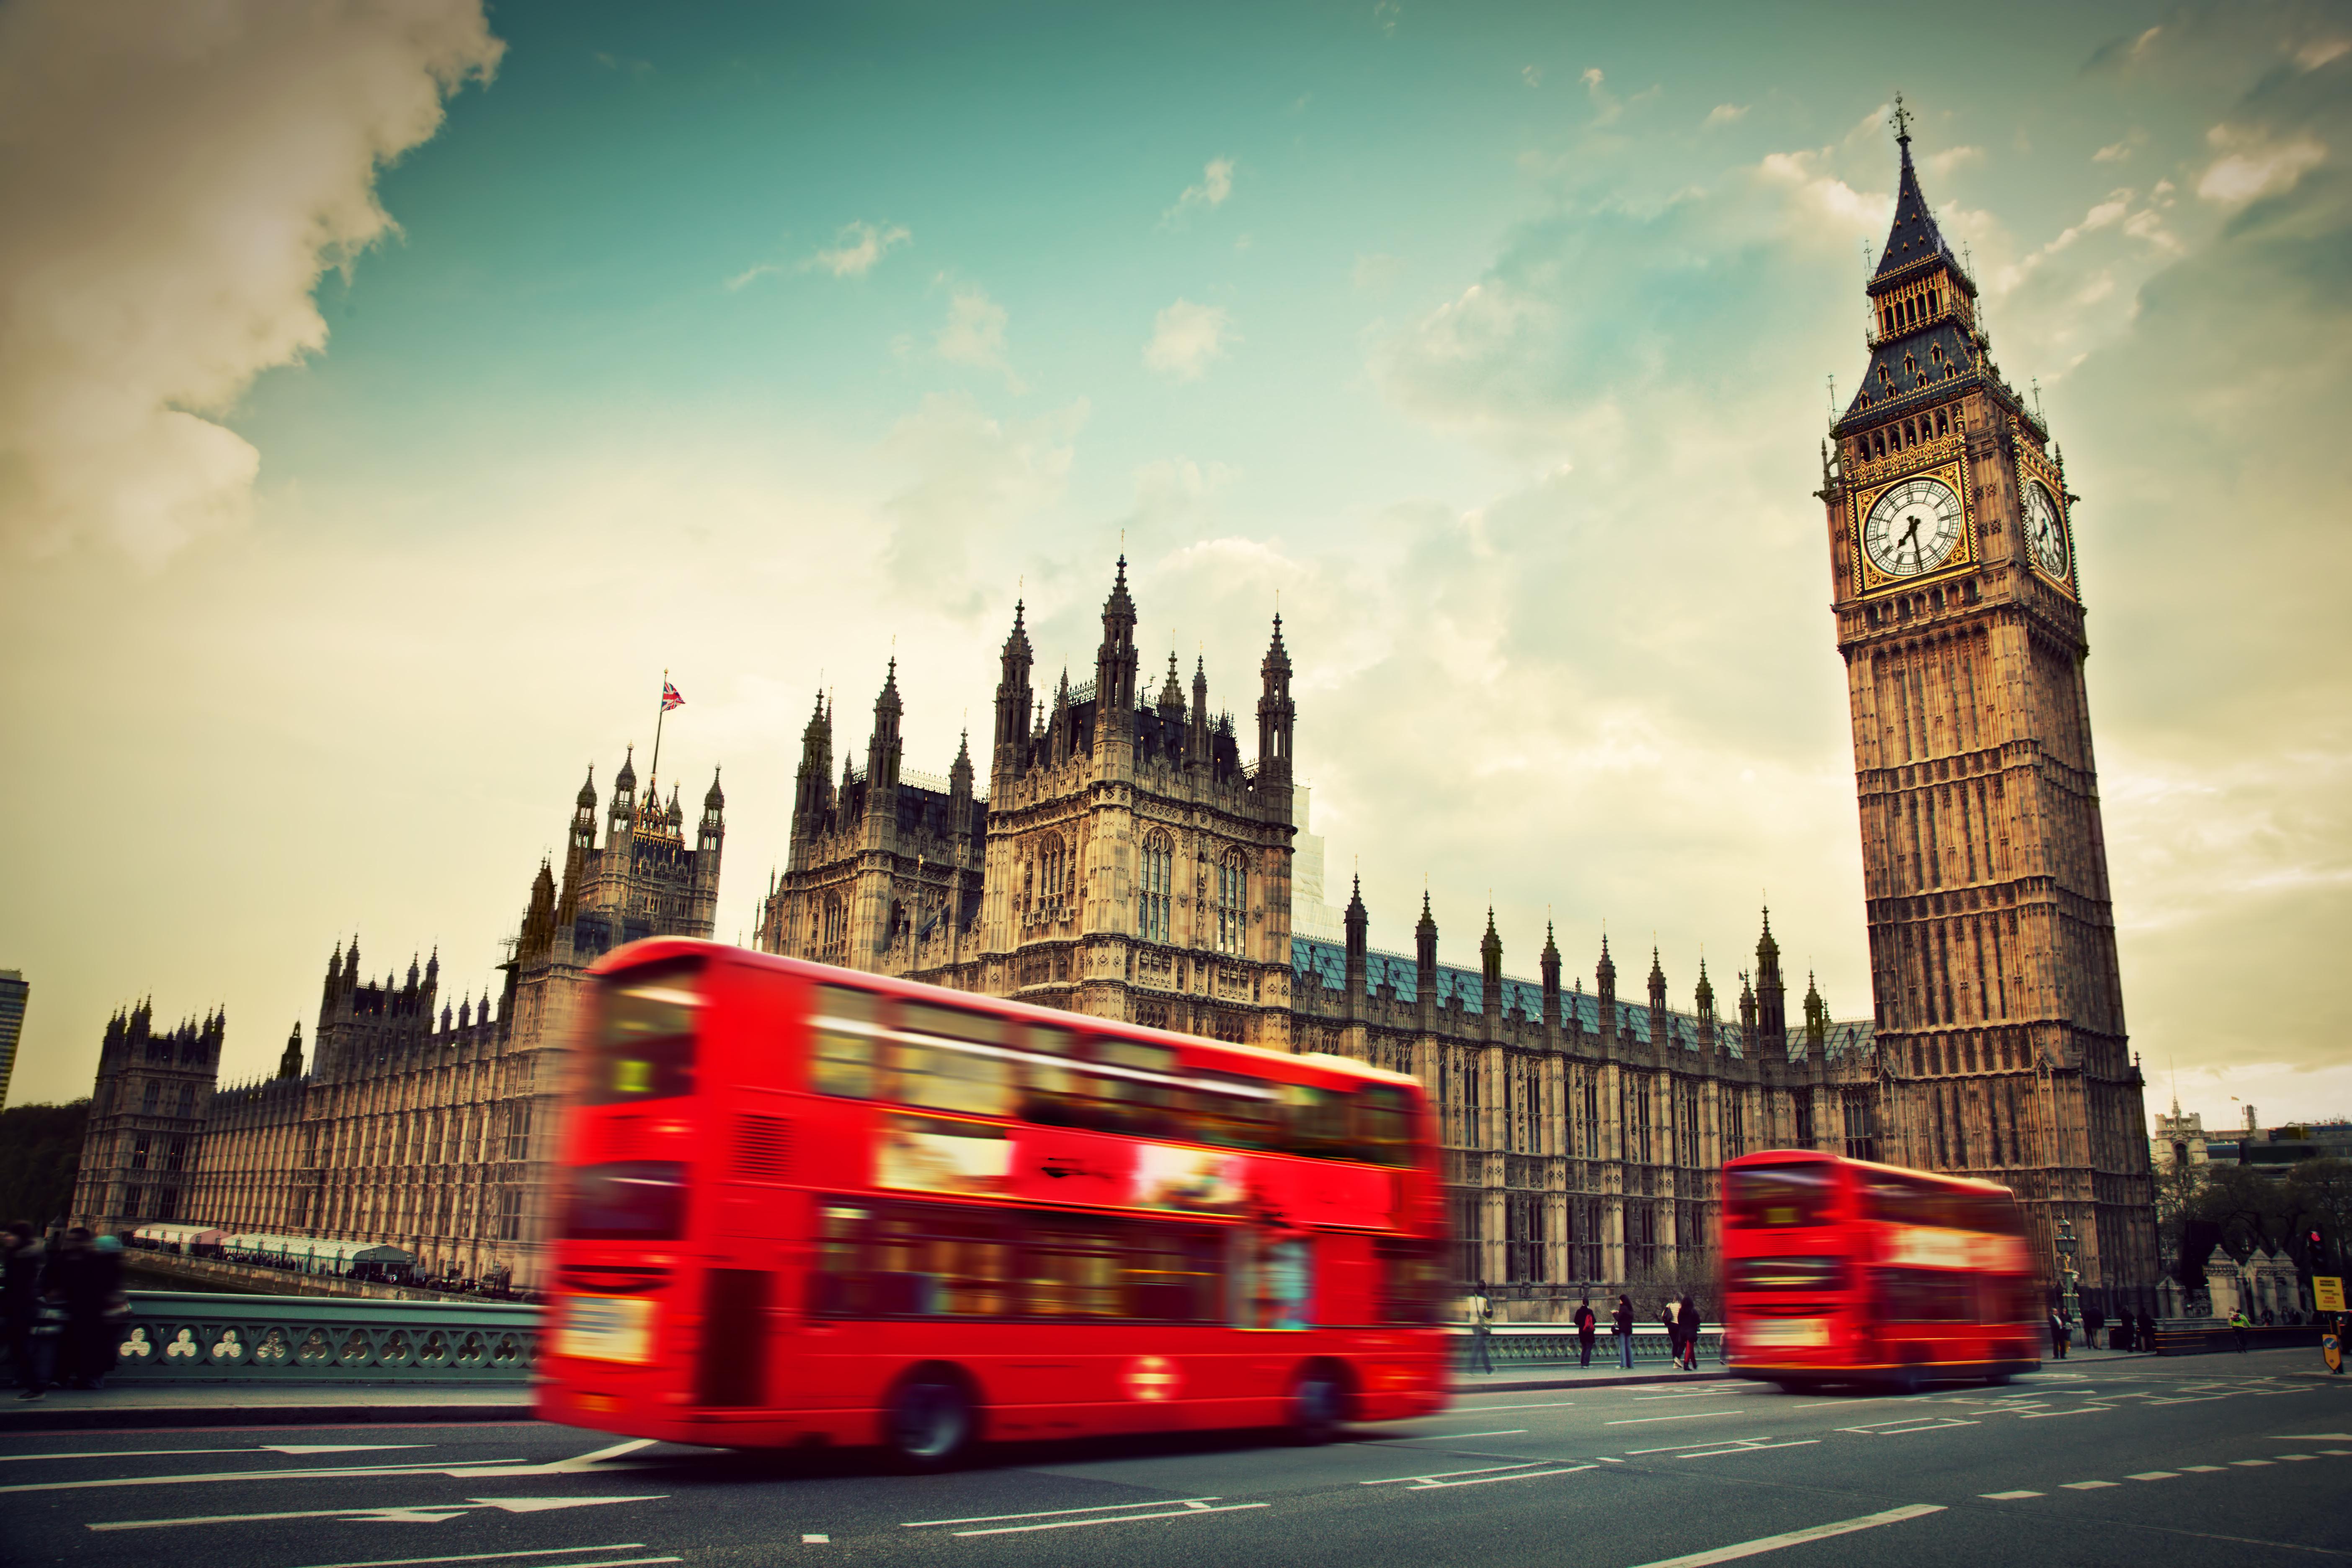 Cualquier residente puede constatar lo caro que es vivir en Londres. Según los datos, es la ciudad más cara de Europa (Shutterstock)